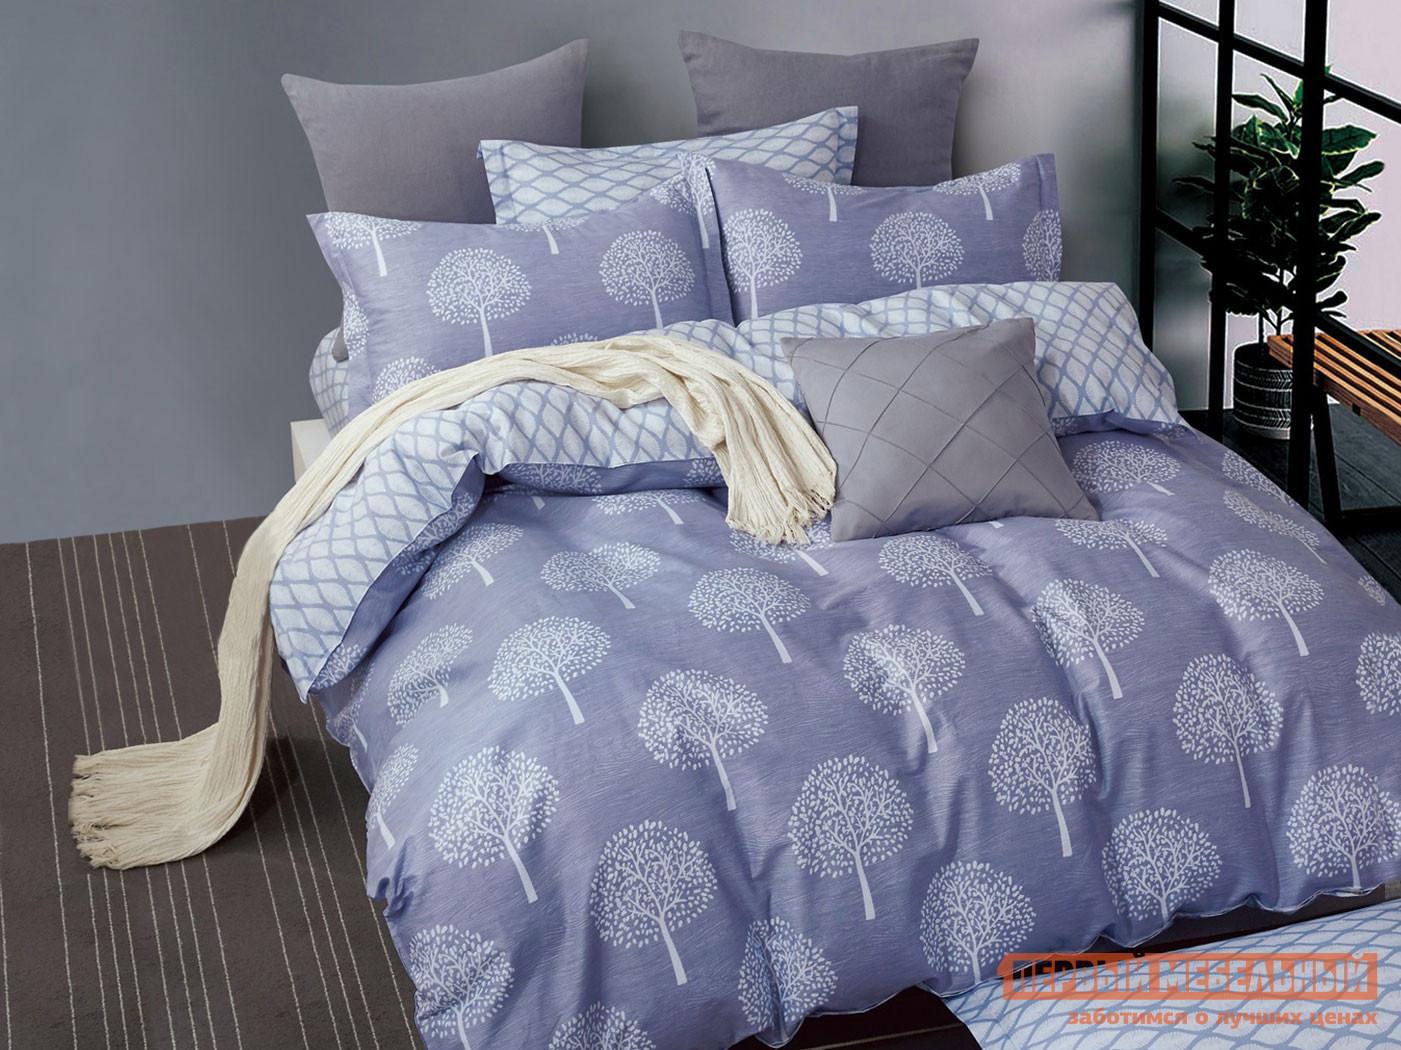 Комплект постельного белья КПБ Butterfly Сатин 168 168, сатин, Двуспальный фото